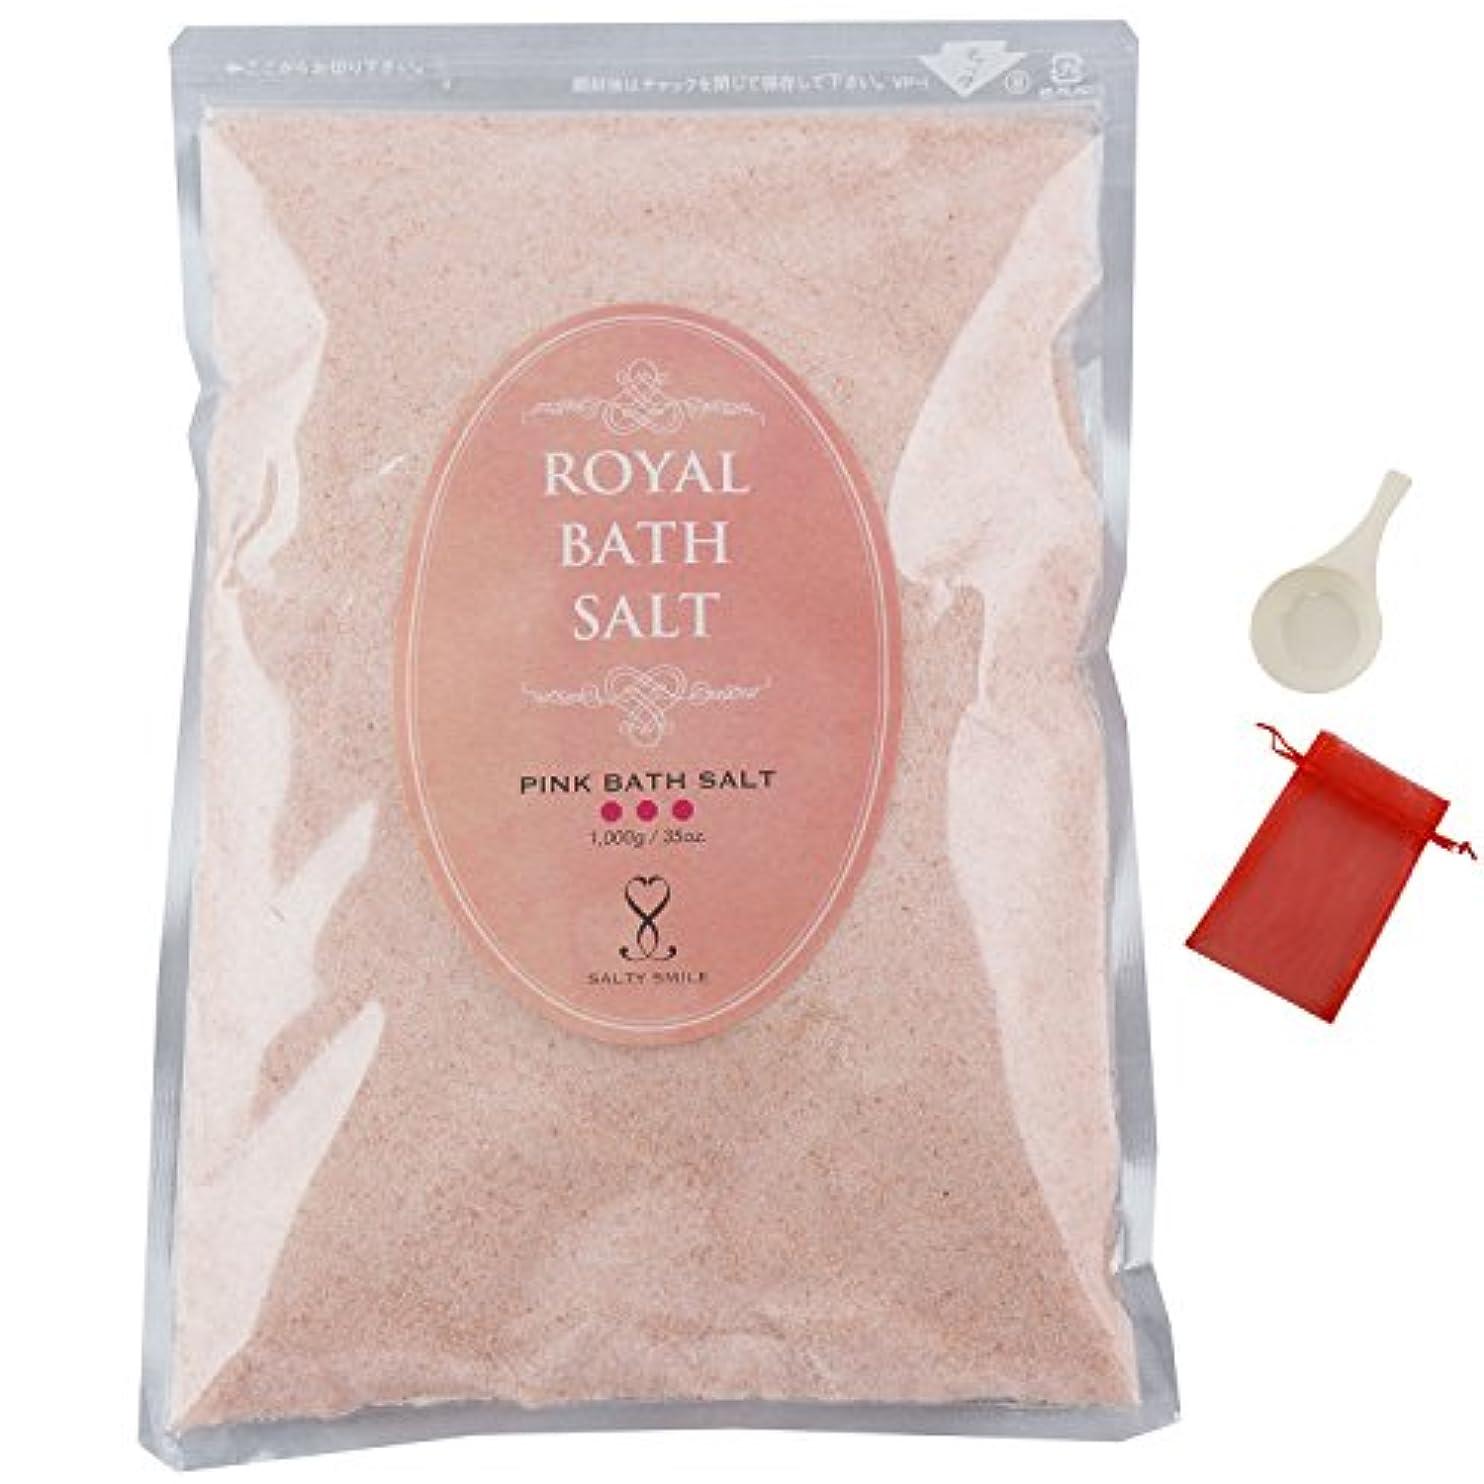 損傷パン屋解明ロイヤルバスソルト ピンクパウダー 岩塩 ROYAL BATH SALT (1,000g【1㎏】)